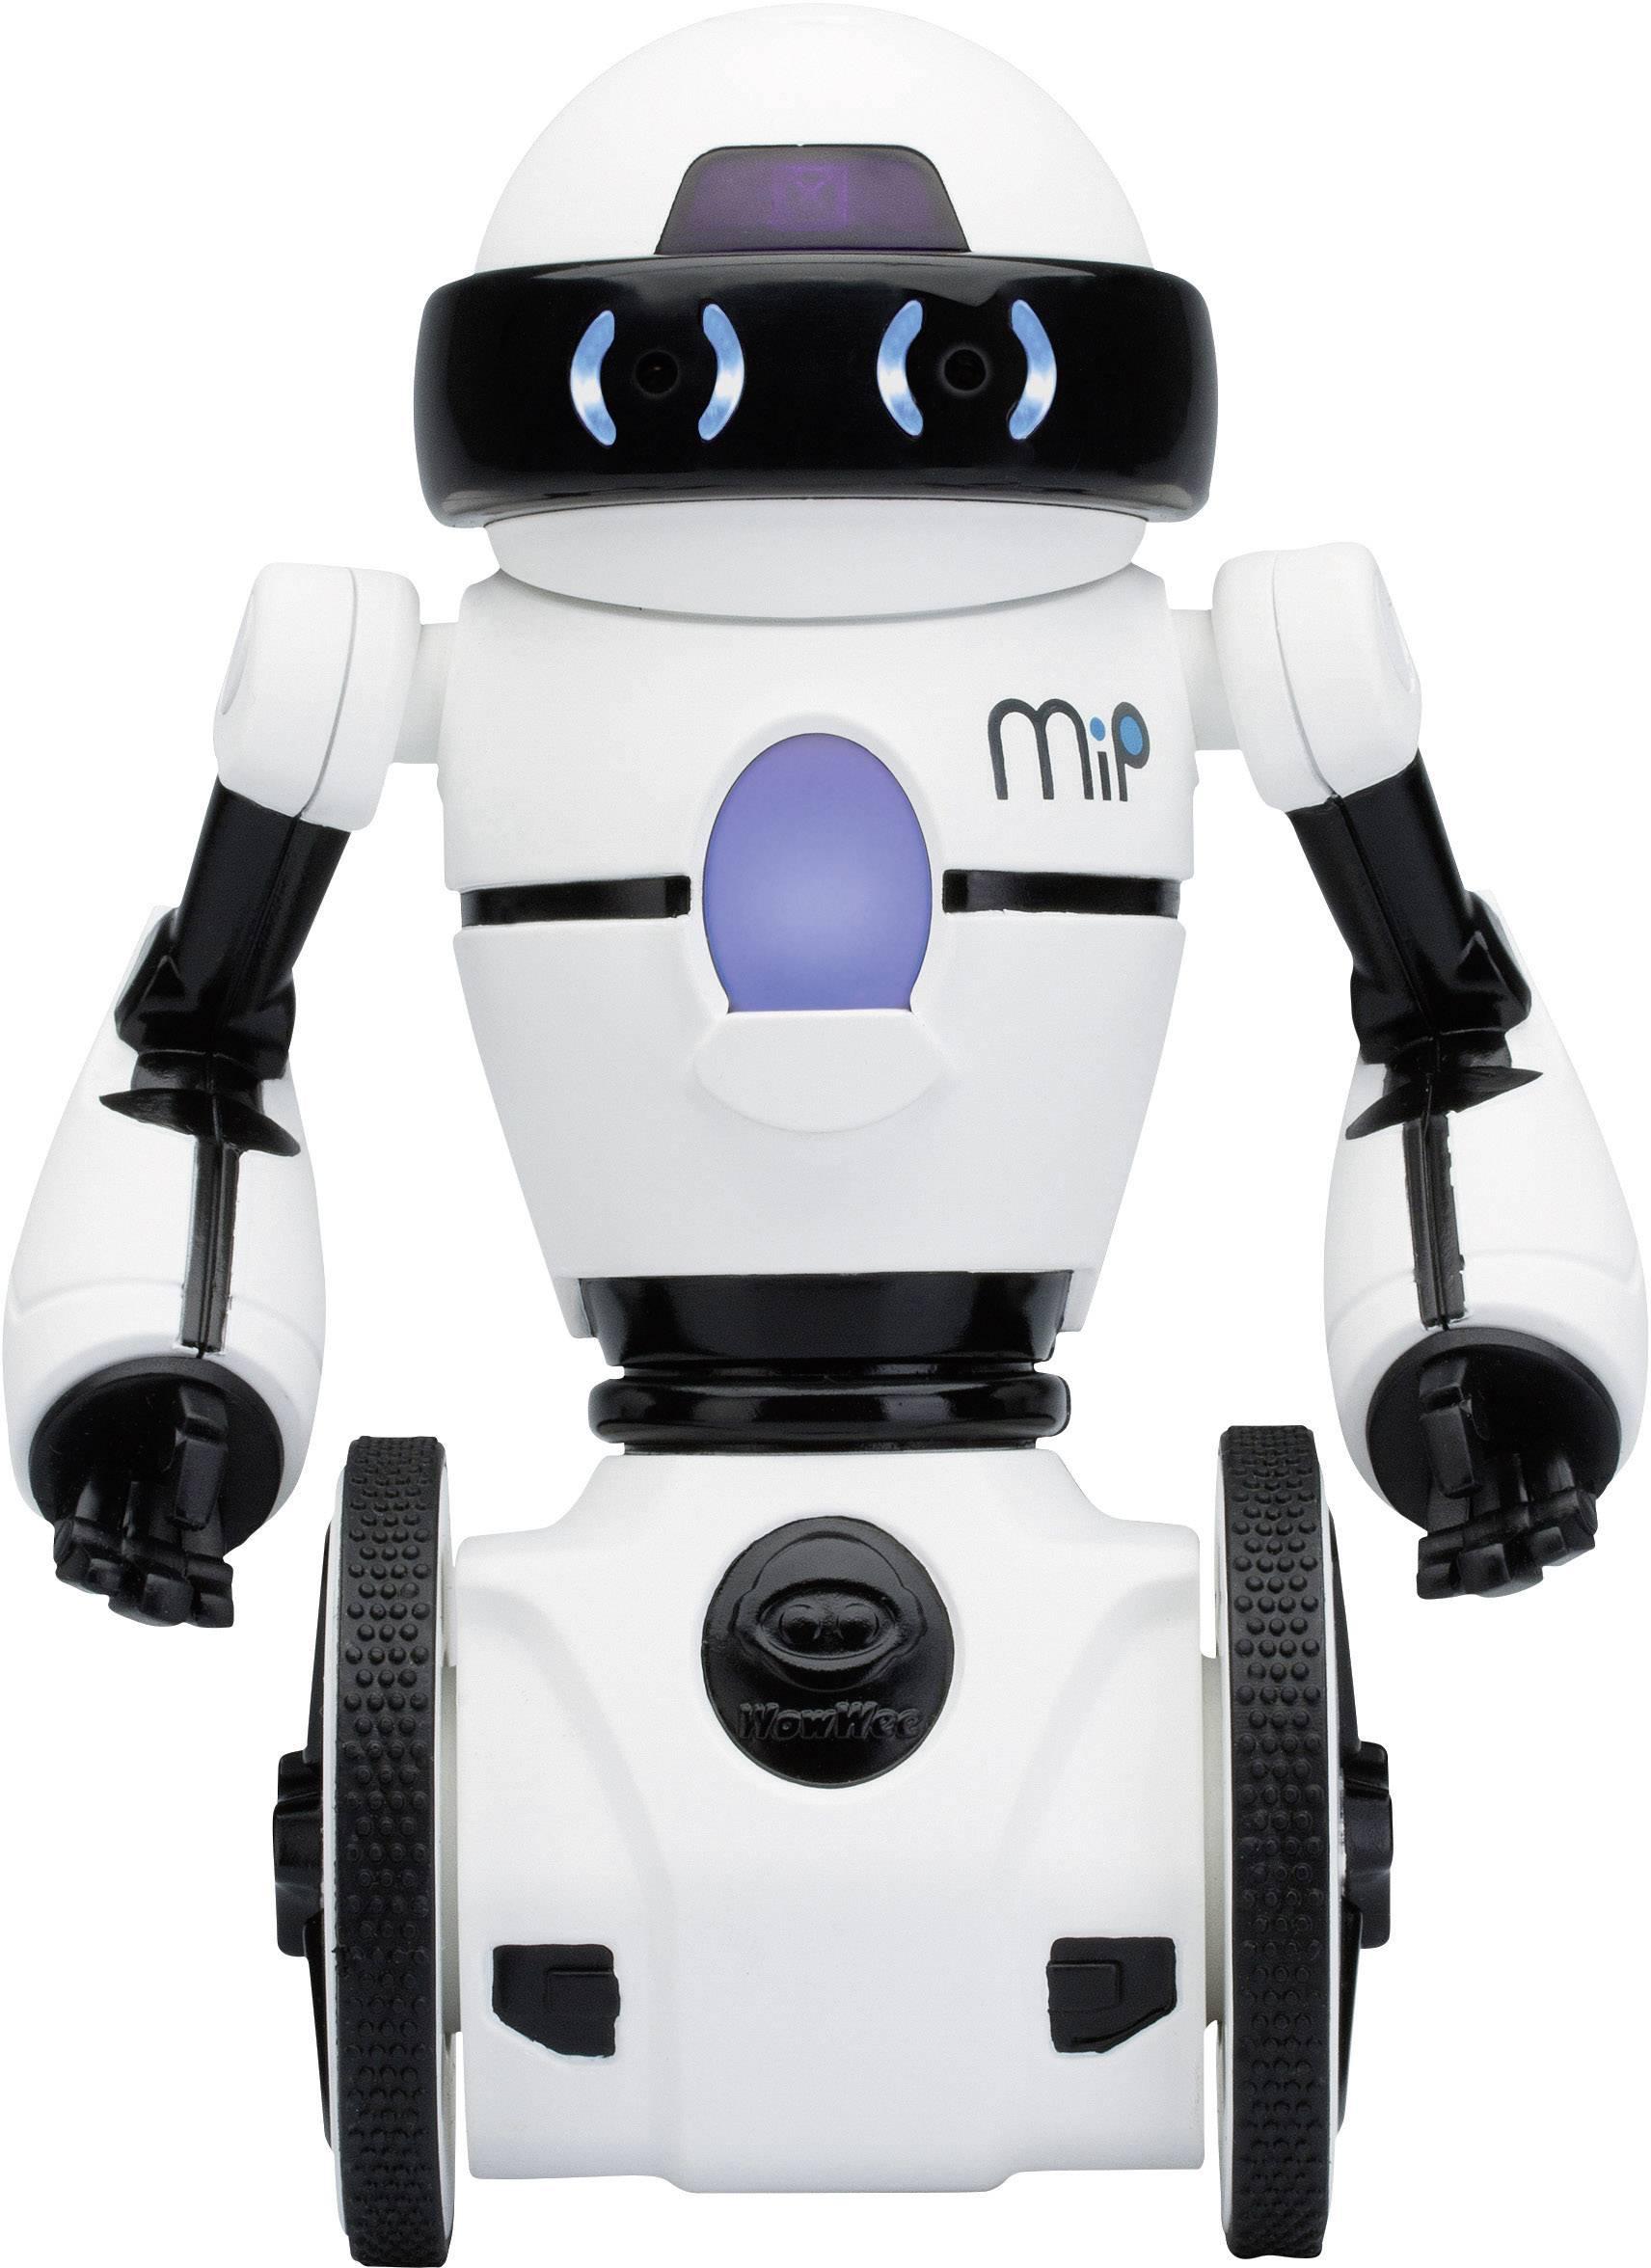 Hračka robota WowWee Robotics MiP weiß 0821